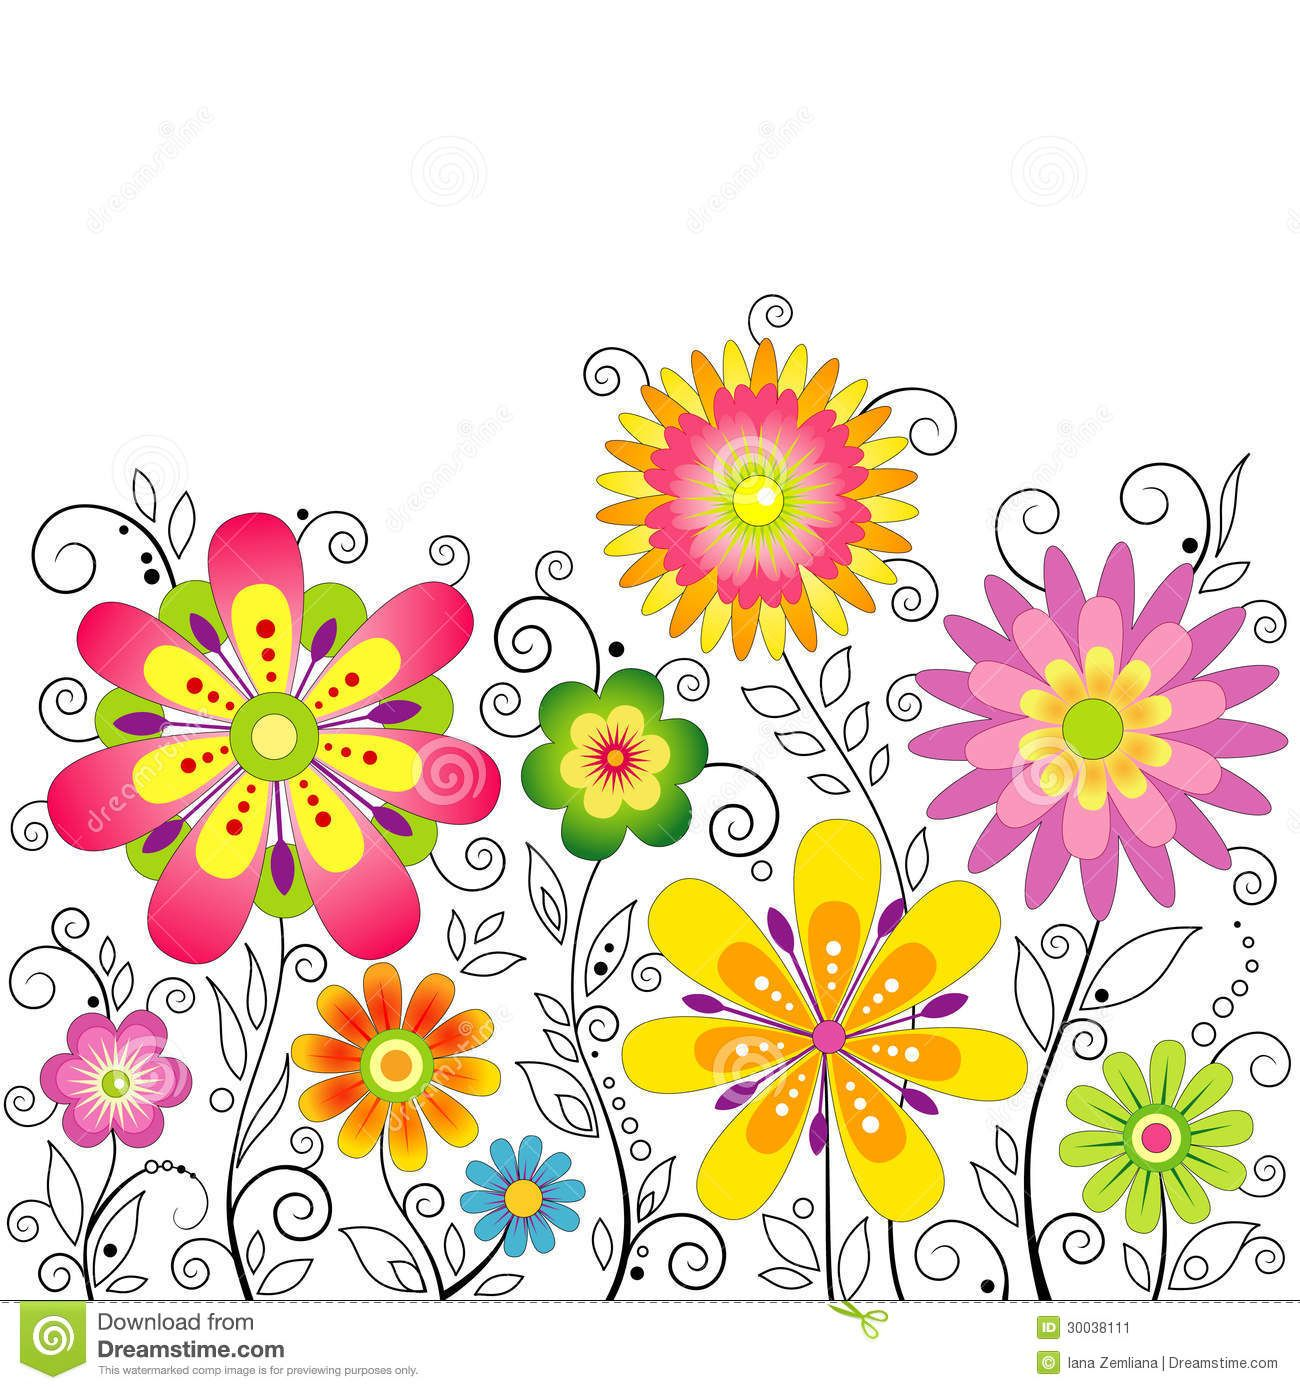 immagini fiori stilizzati cerca con google